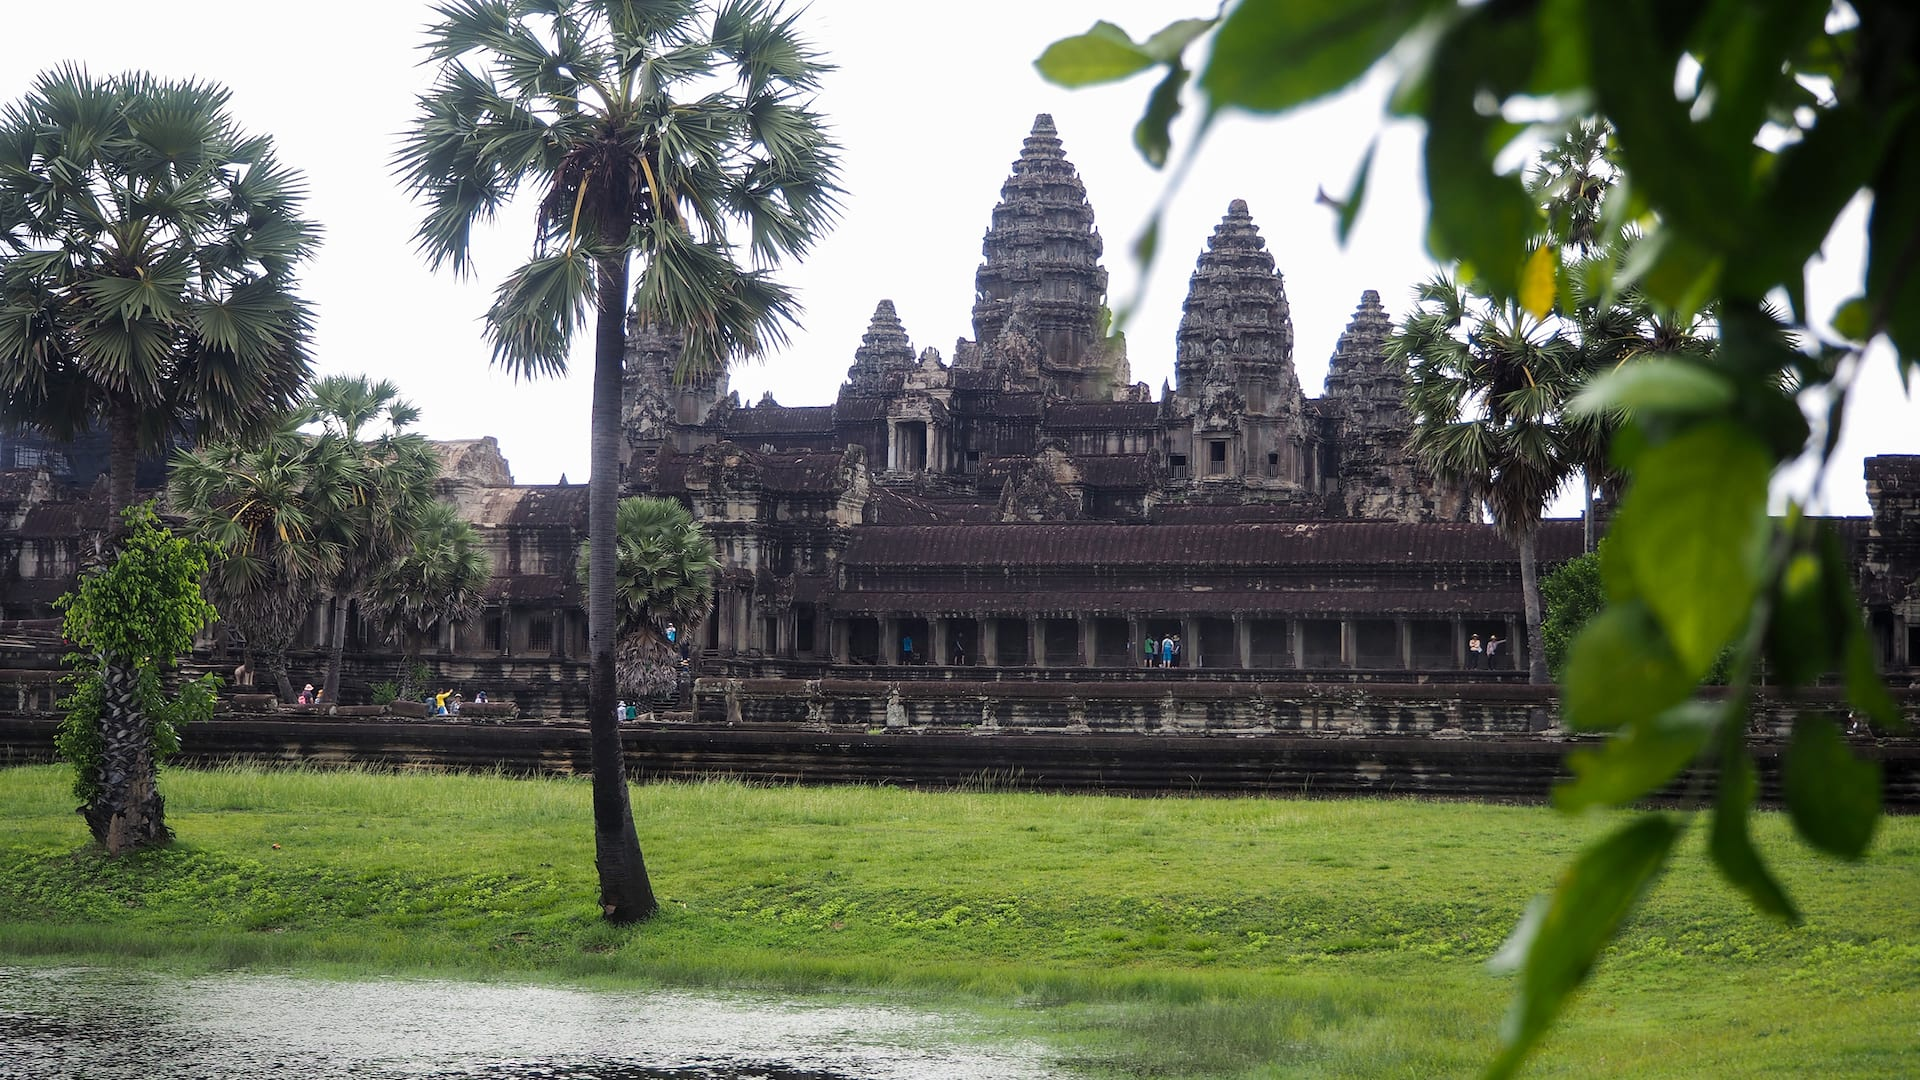 Luxury 5-star hotel in Siem Reap near Angkor Wat